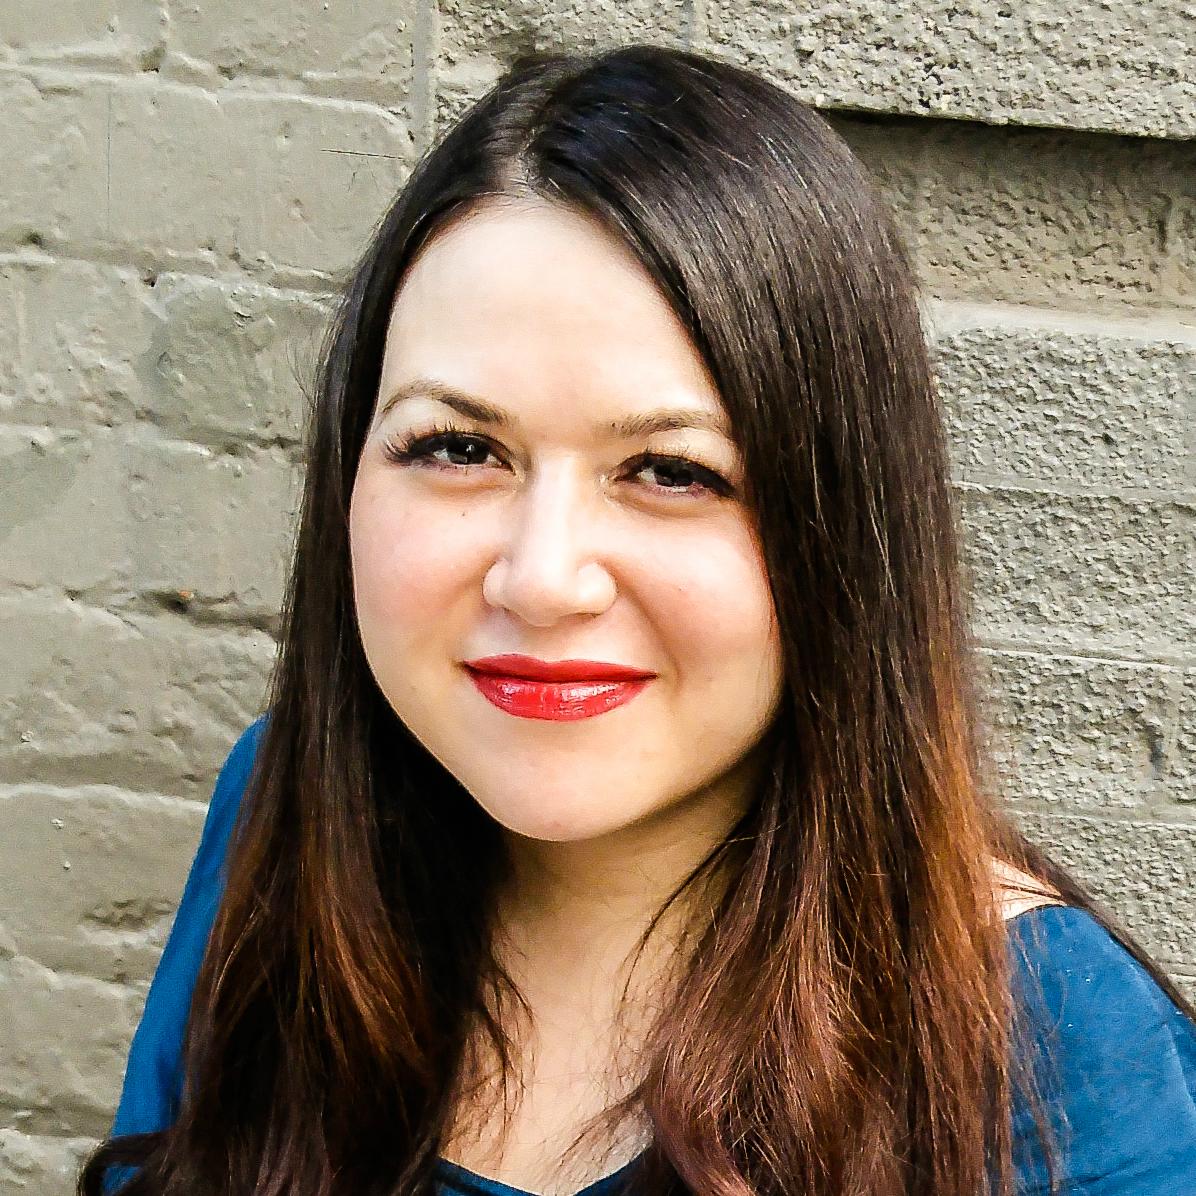 Katie Moussouris